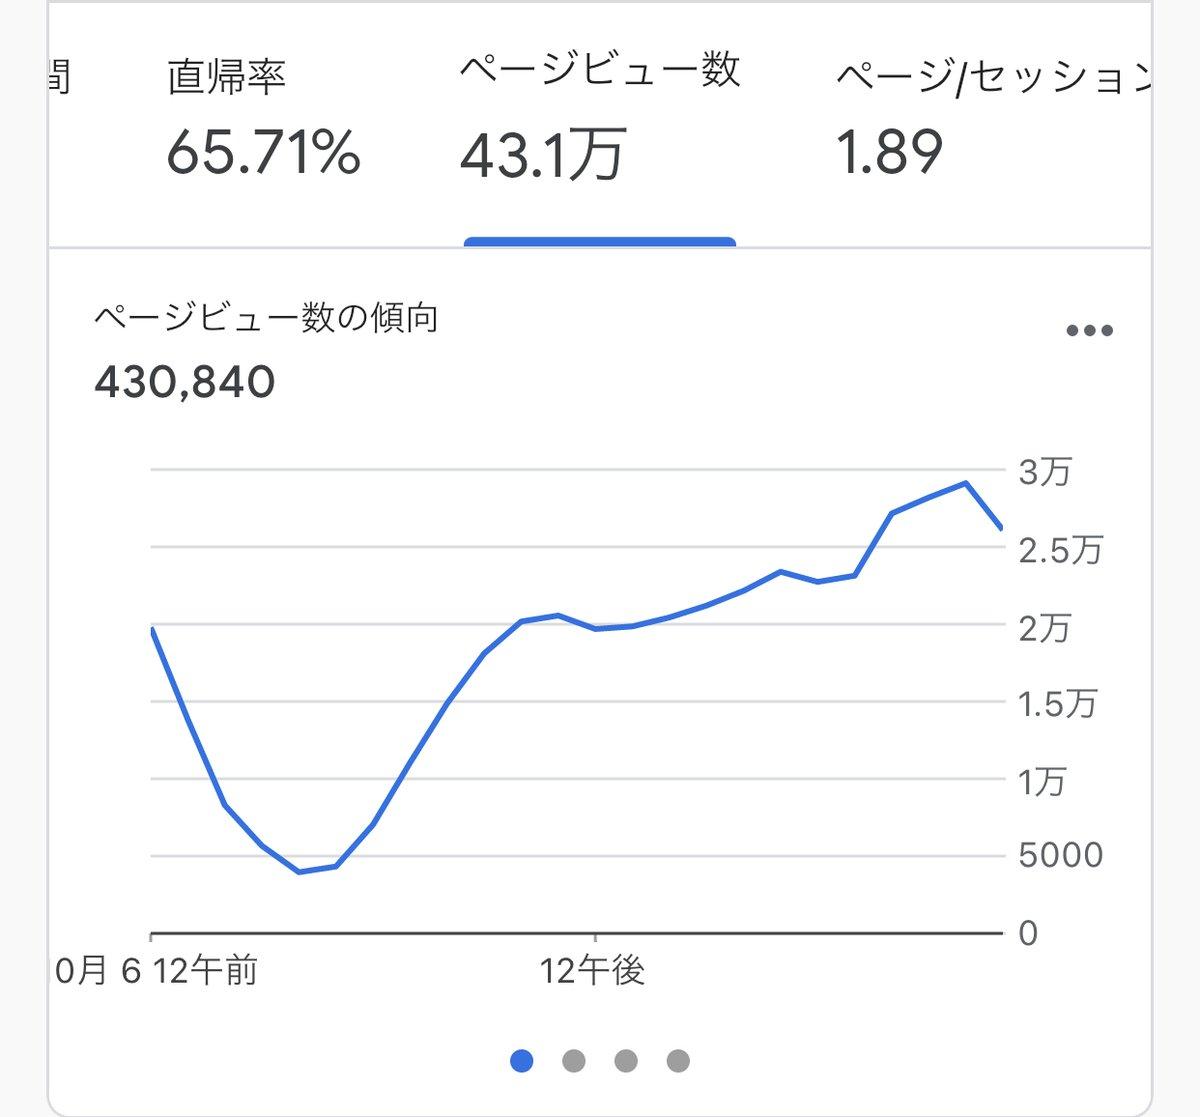 月間1200万pvとかになると(デイリー40万pv前後)グラフの形がこんな感じで毎日安定するんですが  SEOの変動食らった時に先週との比較をグラフで見ると  3分の2くらいの高さで綺麗に同じ形のグラフになります😇  変動一発で数百万の売上が飛ぶSEOの世界こわい😇